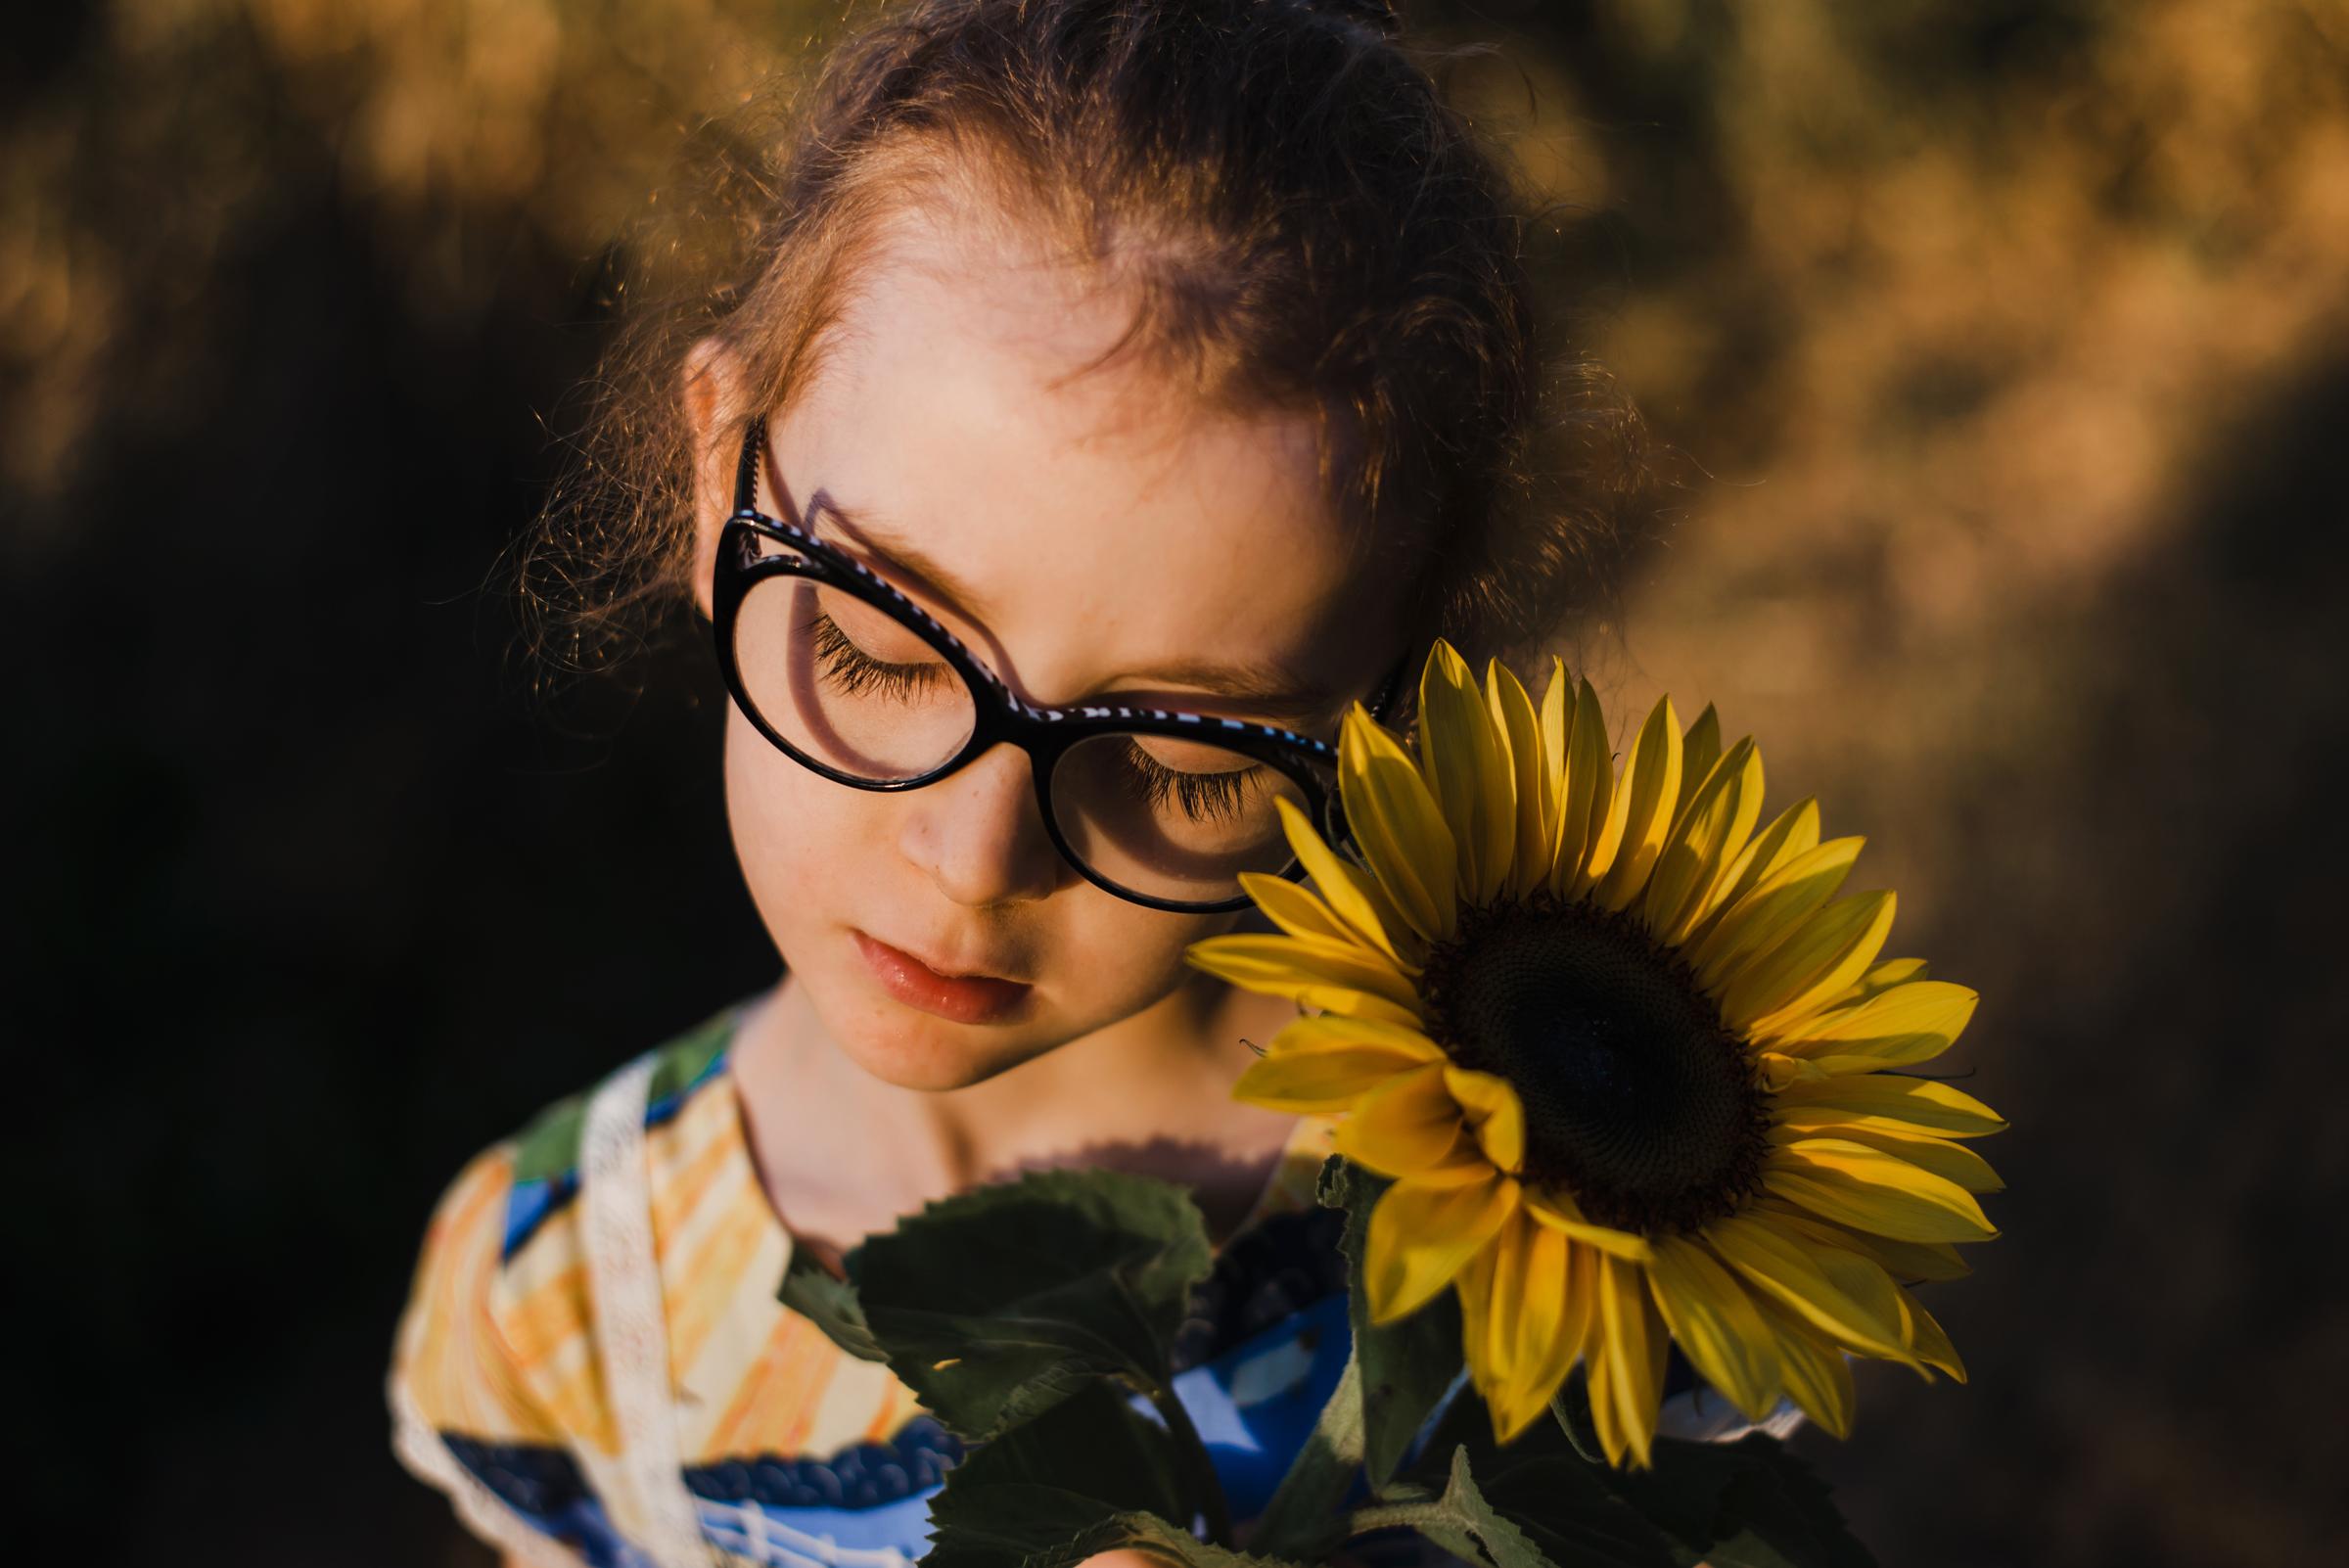 child_portrait_with_sunflower.jpg